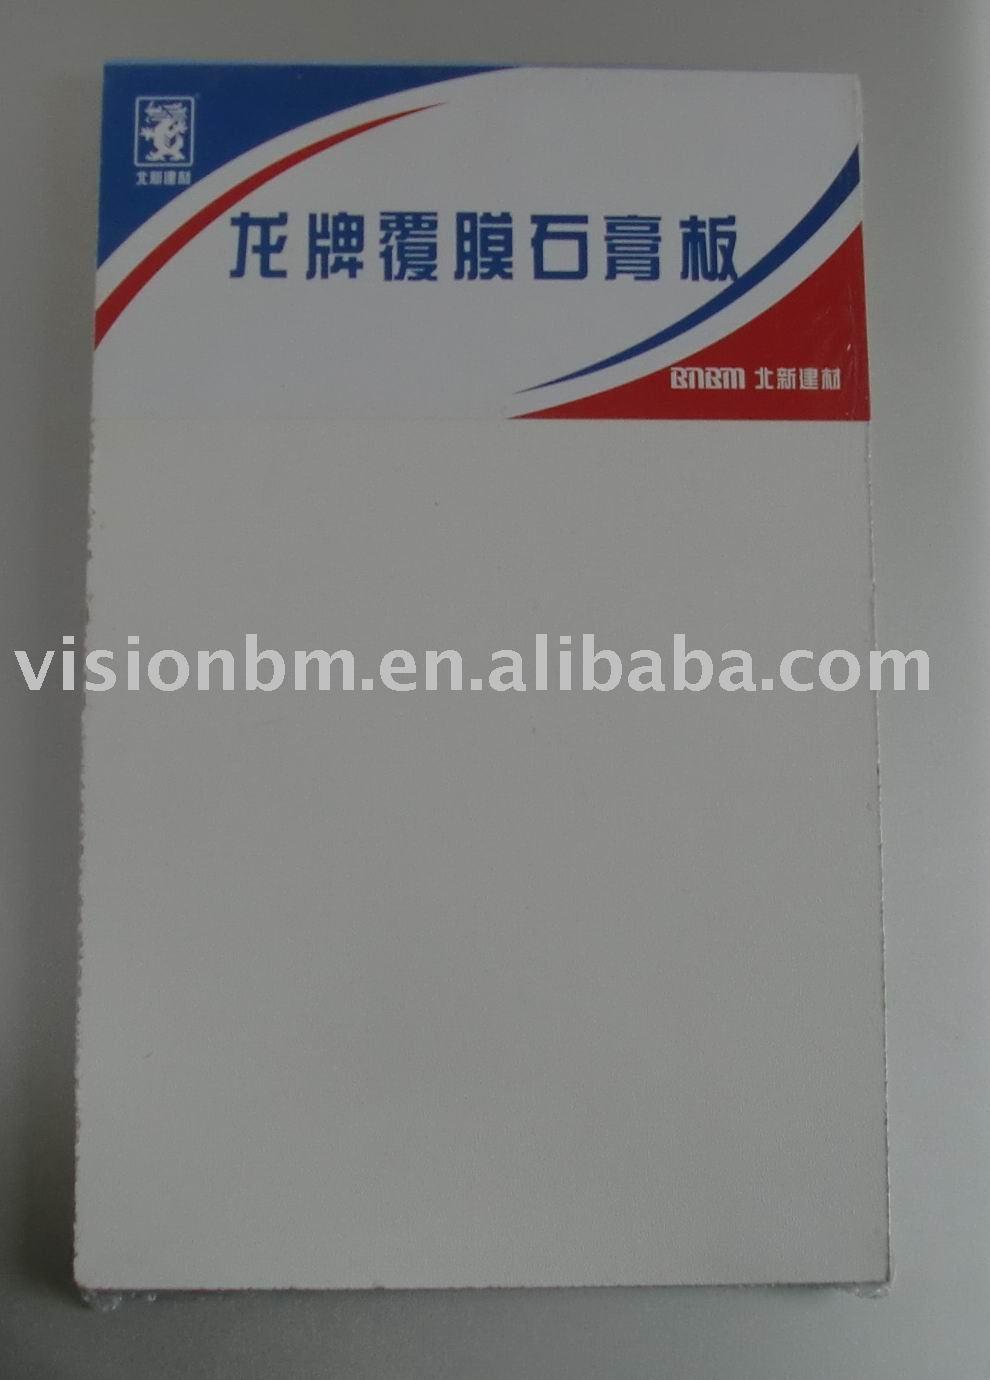 Vinyl Gypsum Ceiling Panel With Aluminium Foil Backing